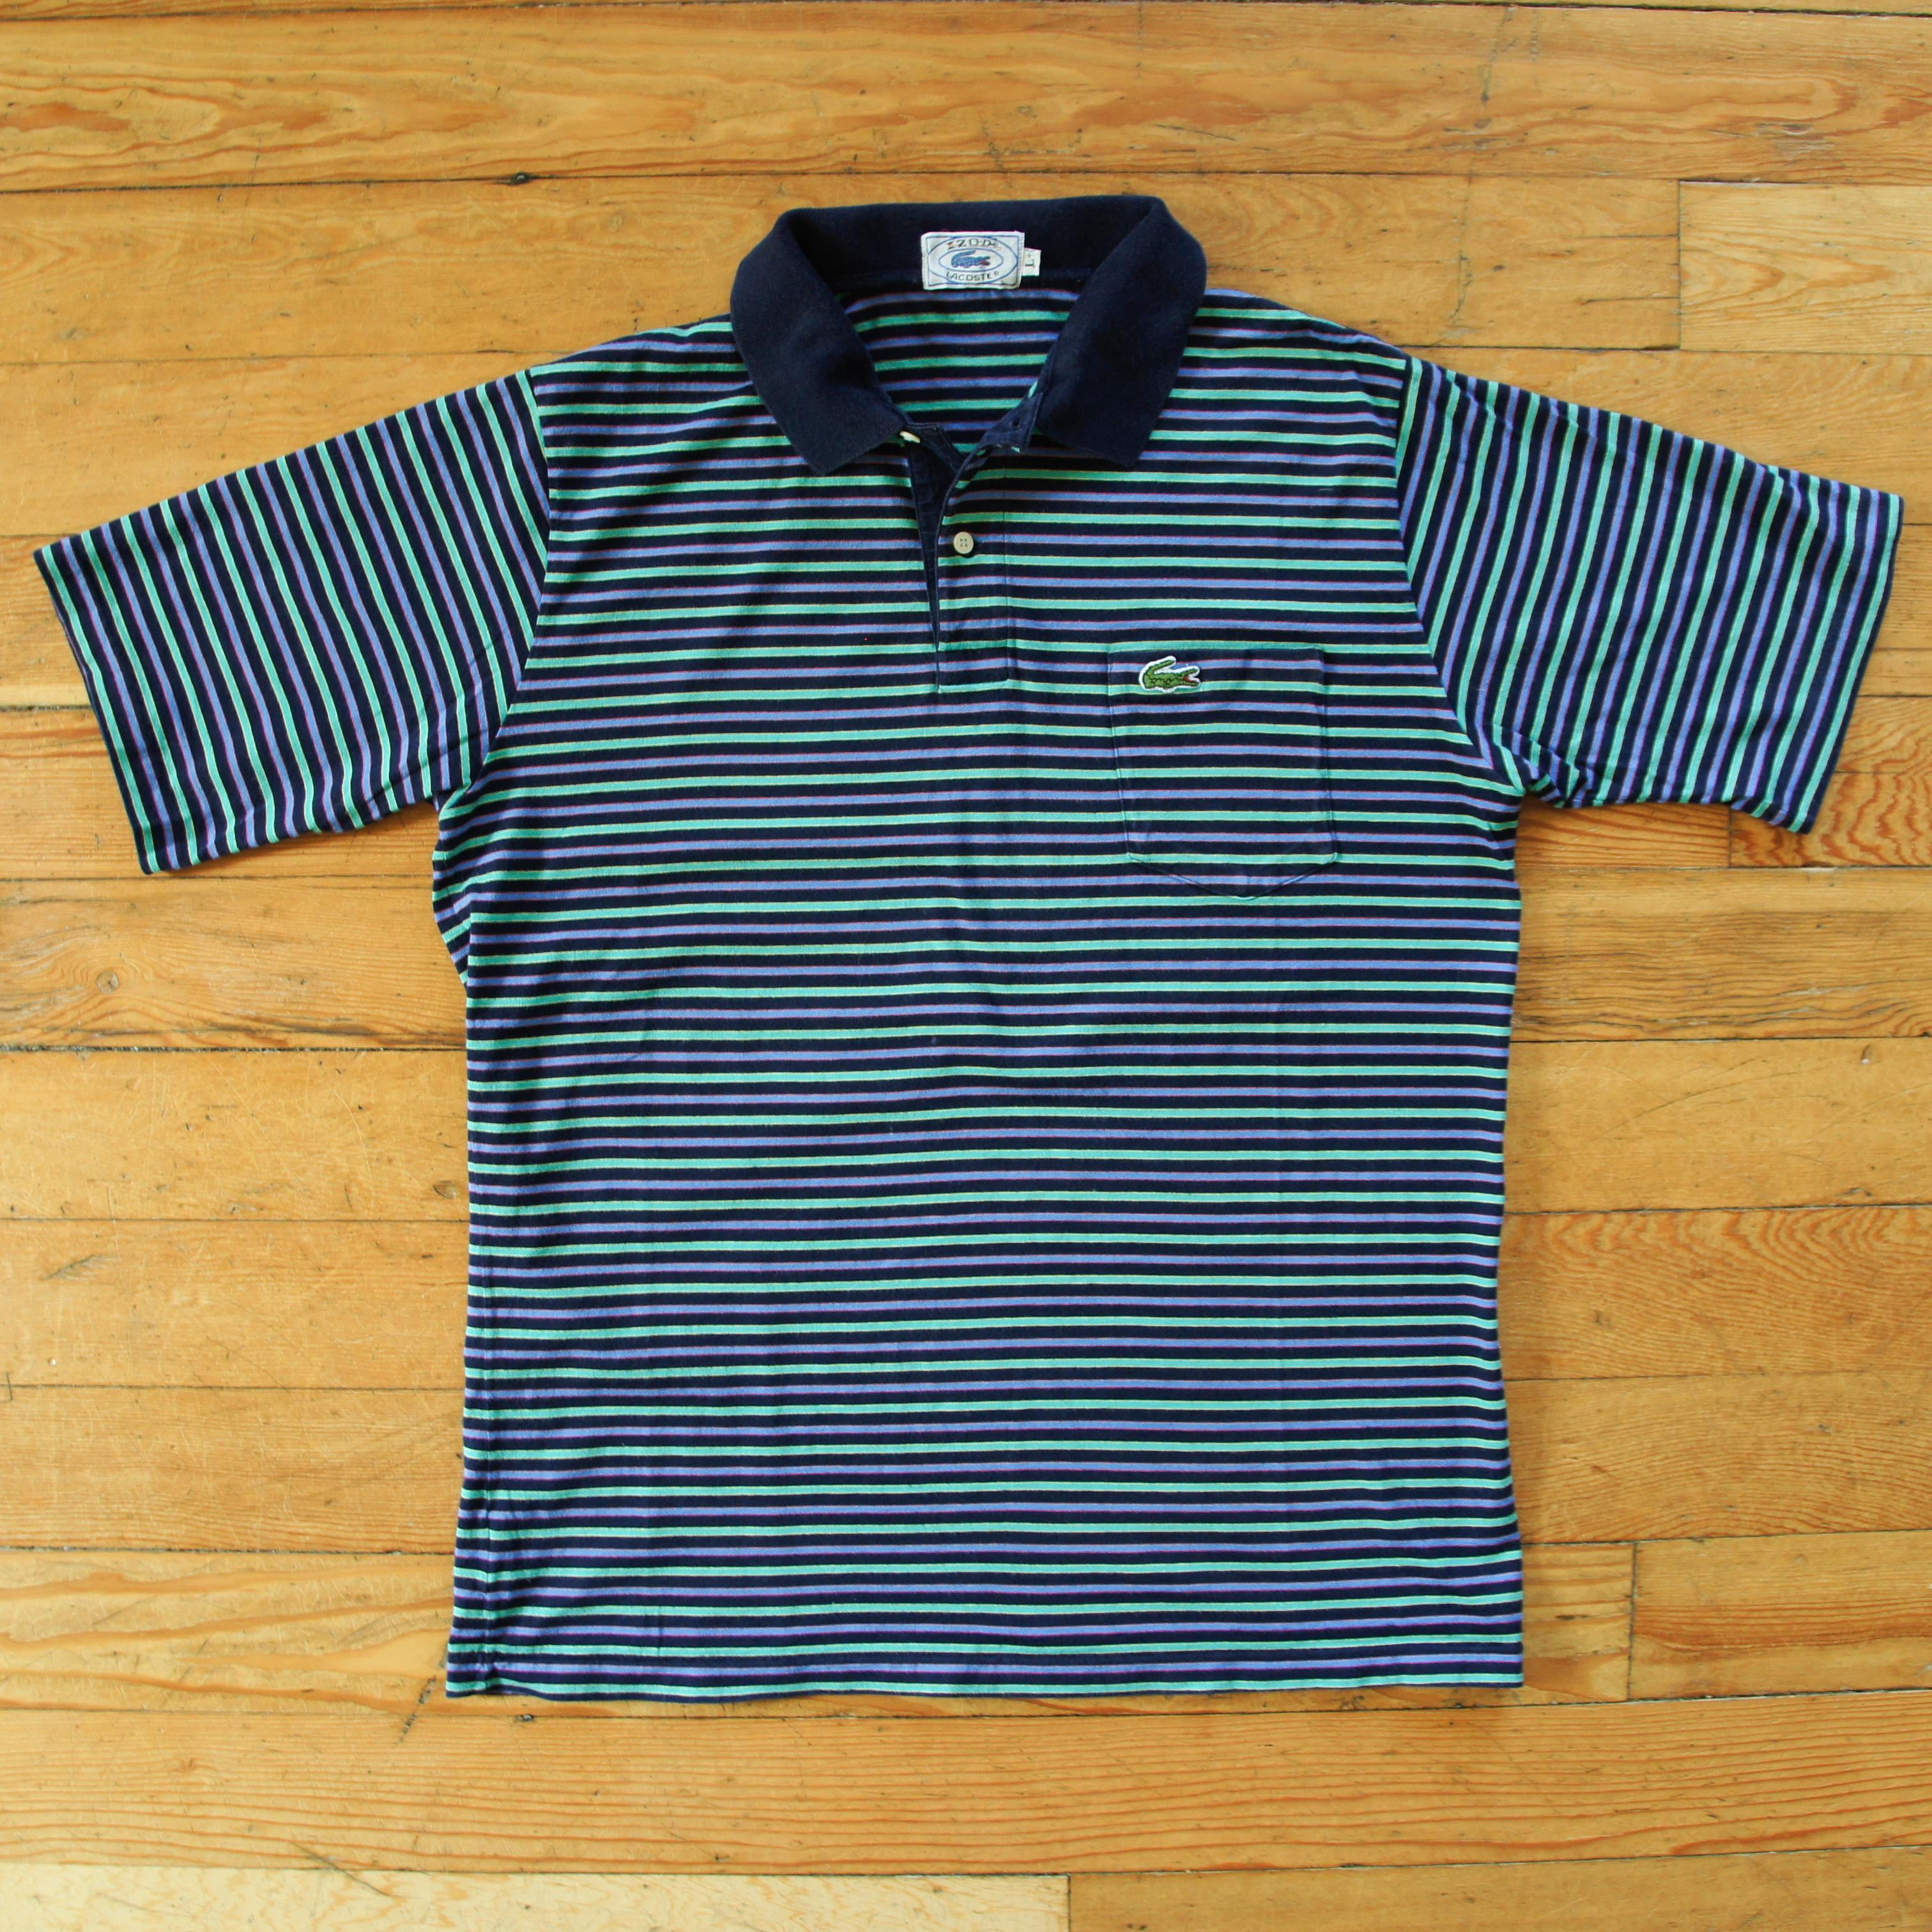 d7fc62ef Vintage Vintage Izod Lacoste Polo Short Sleeve Shirt - Green Blue ...